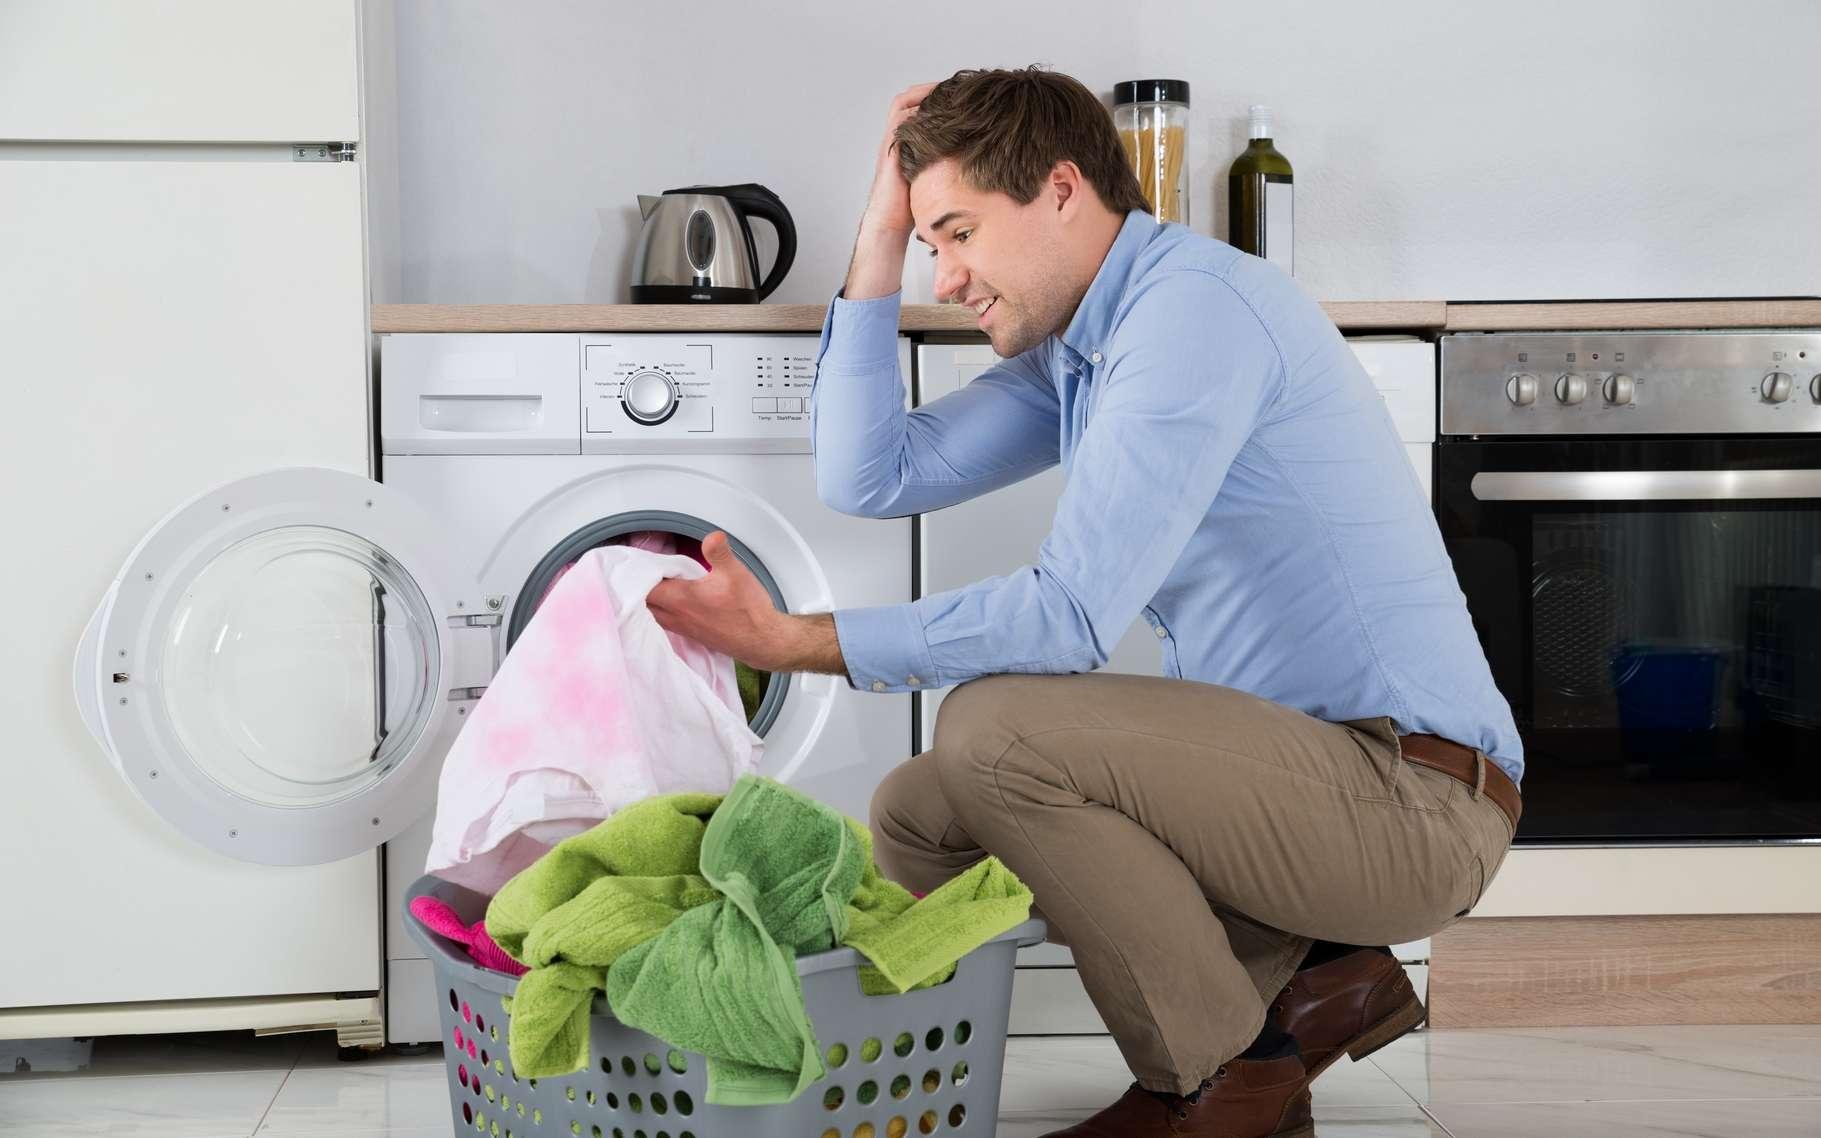 La création de textiles « intelligents » susceptibles de s'auto-nettoyer progresse beaucoup grâce aux nanotechnologies. © Andrey_Popov, Shutterstock